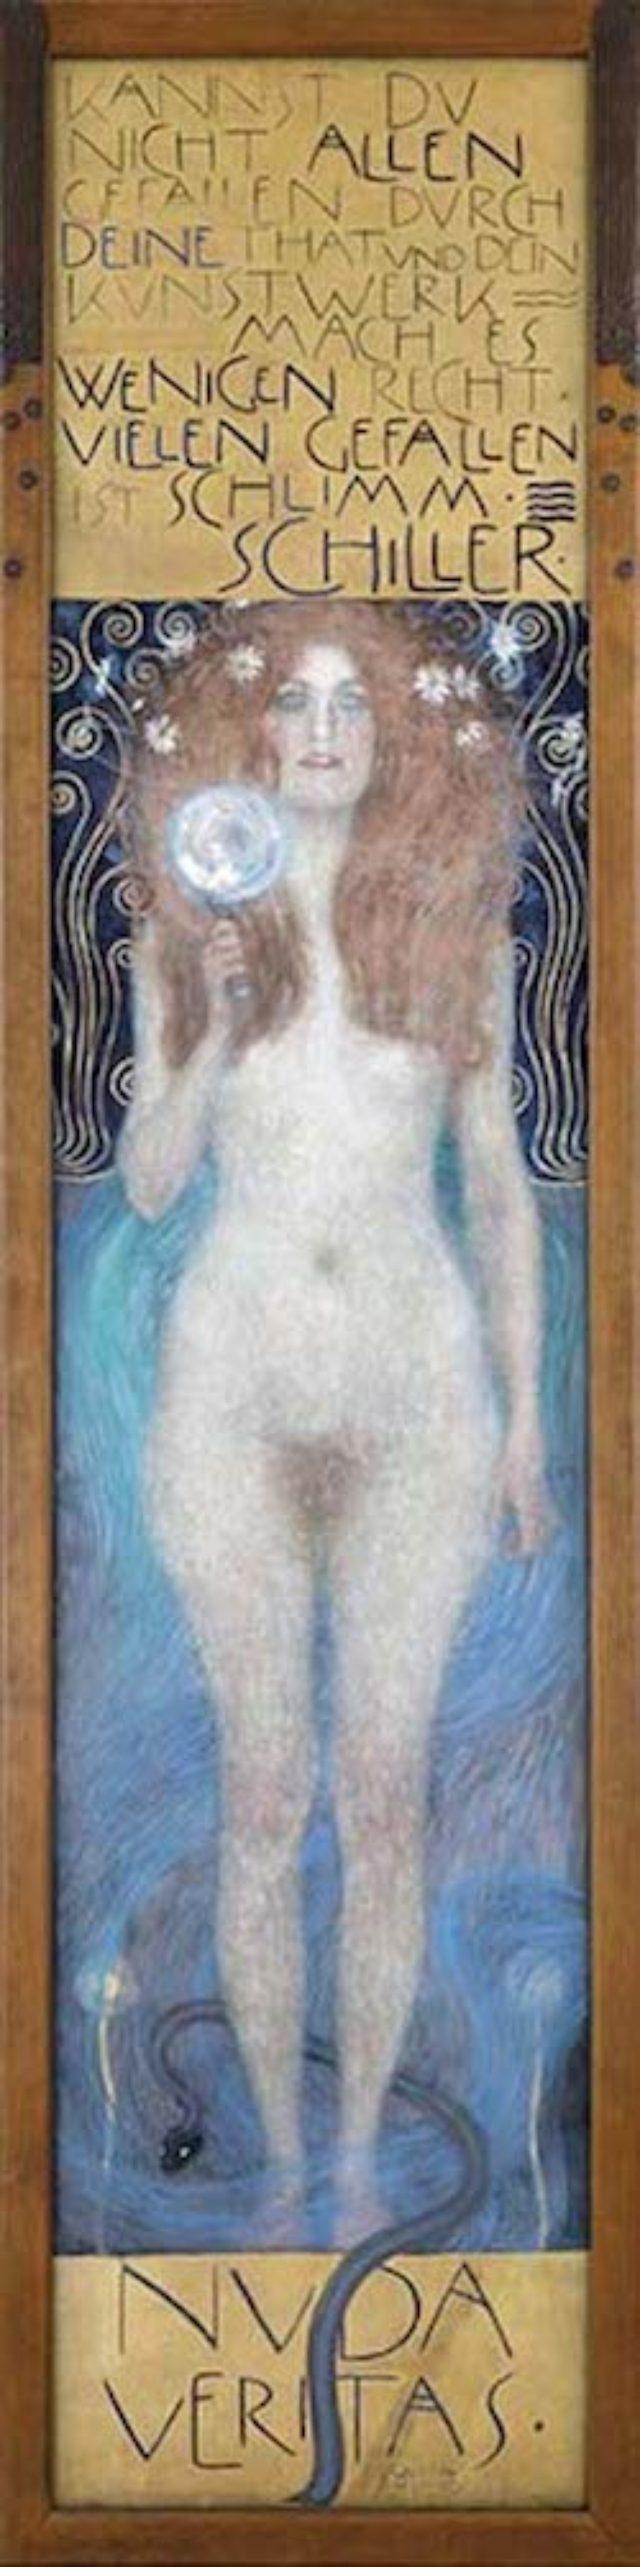 画像: グスタフ・クリムト 《ヌーダ・ヴェリタス》 1899年 オーストリア演劇博物館 Theatermuseum, Vienna